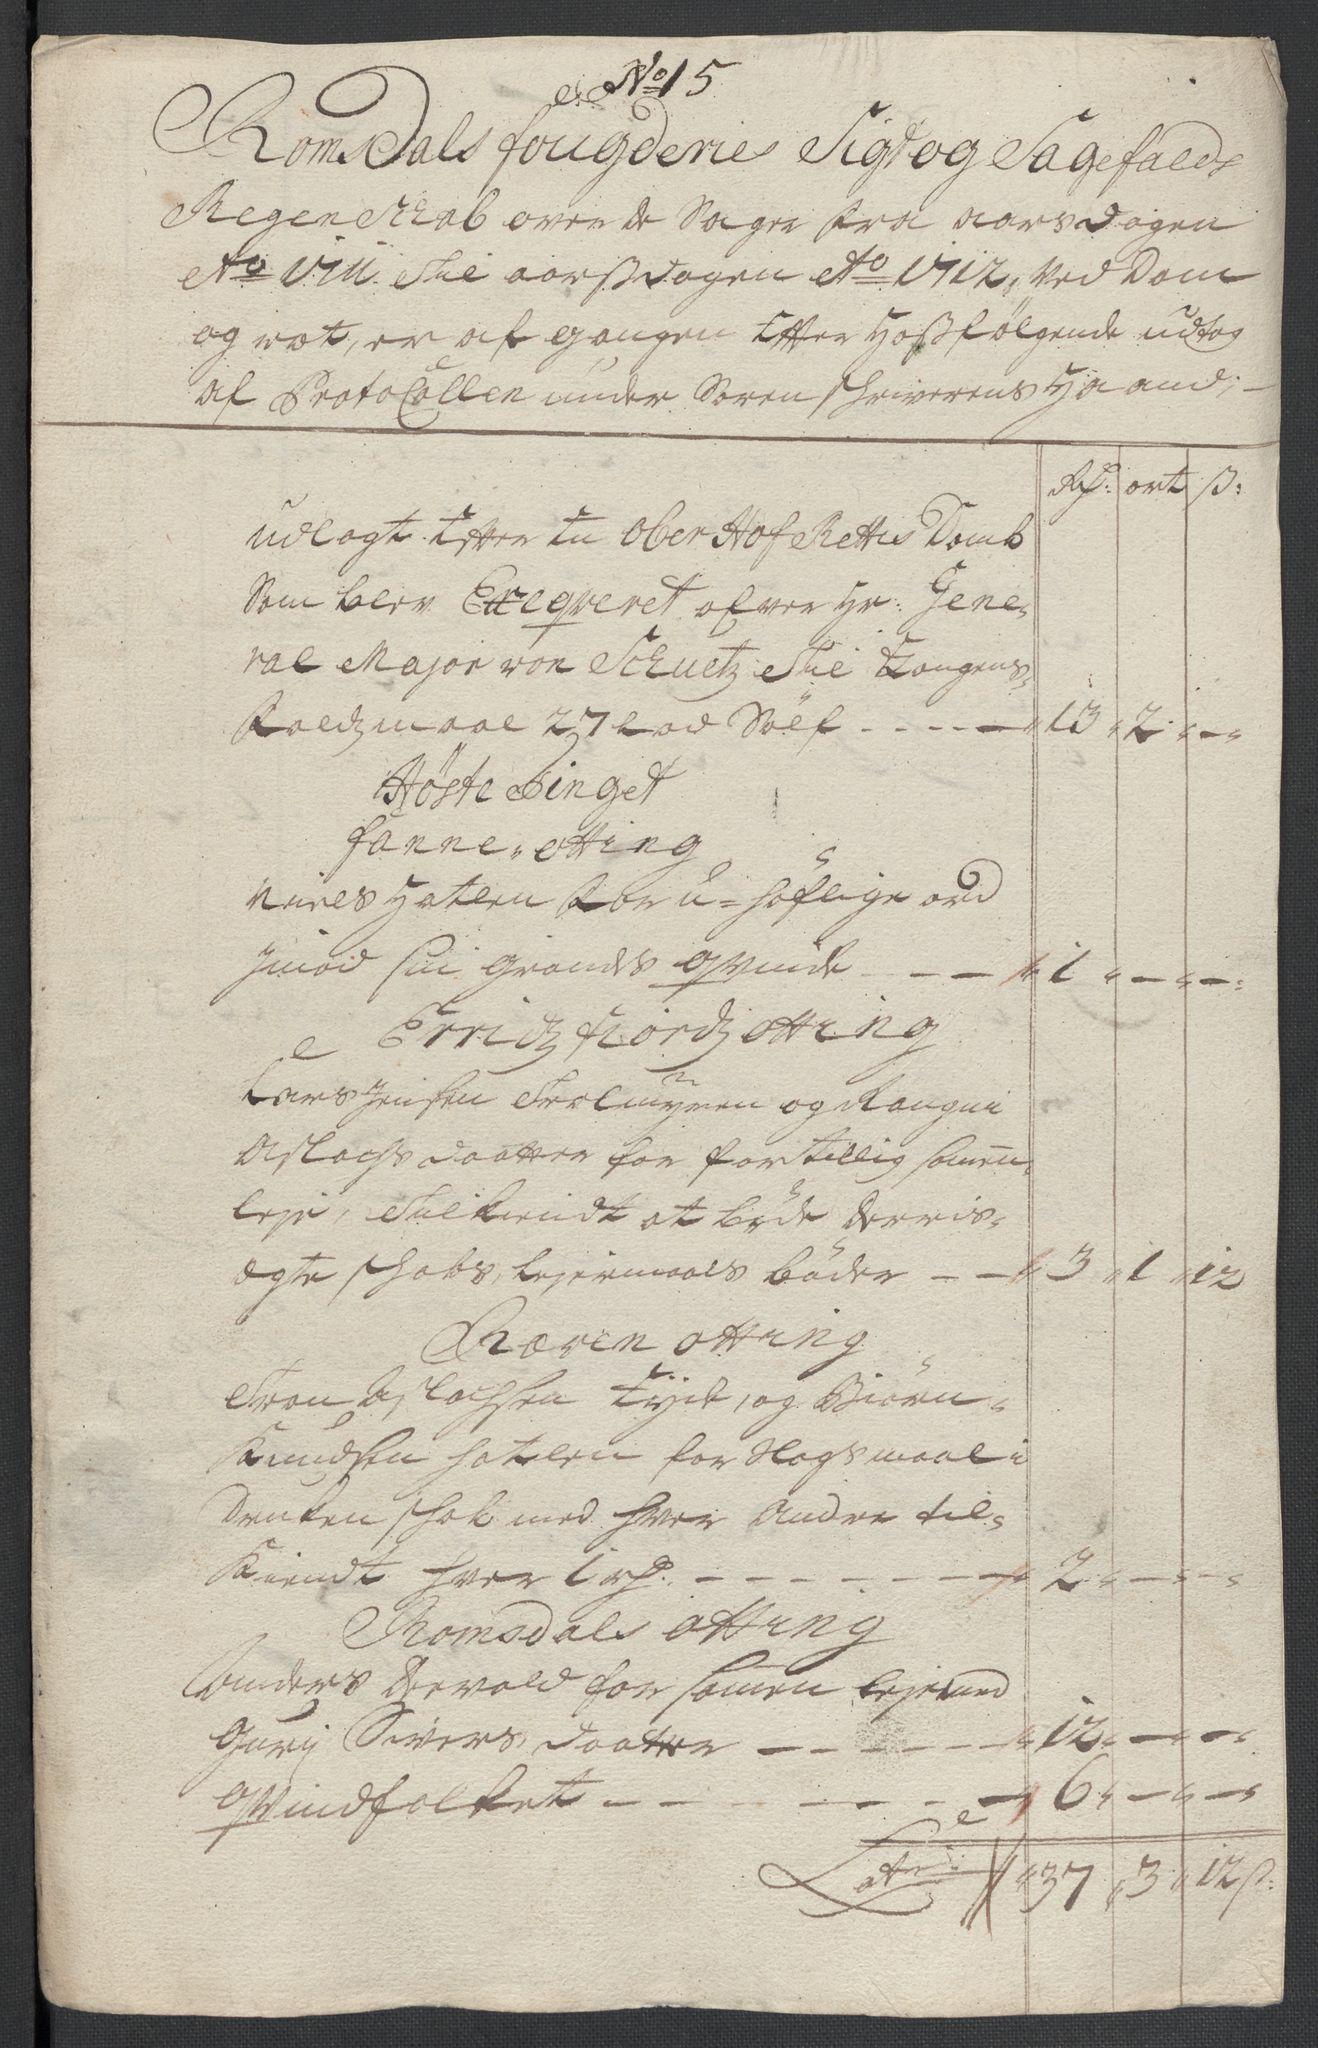 RA, Rentekammeret inntil 1814, Reviderte regnskaper, Fogderegnskap, R55/L3660: Fogderegnskap Romsdal, 1711, s. 342